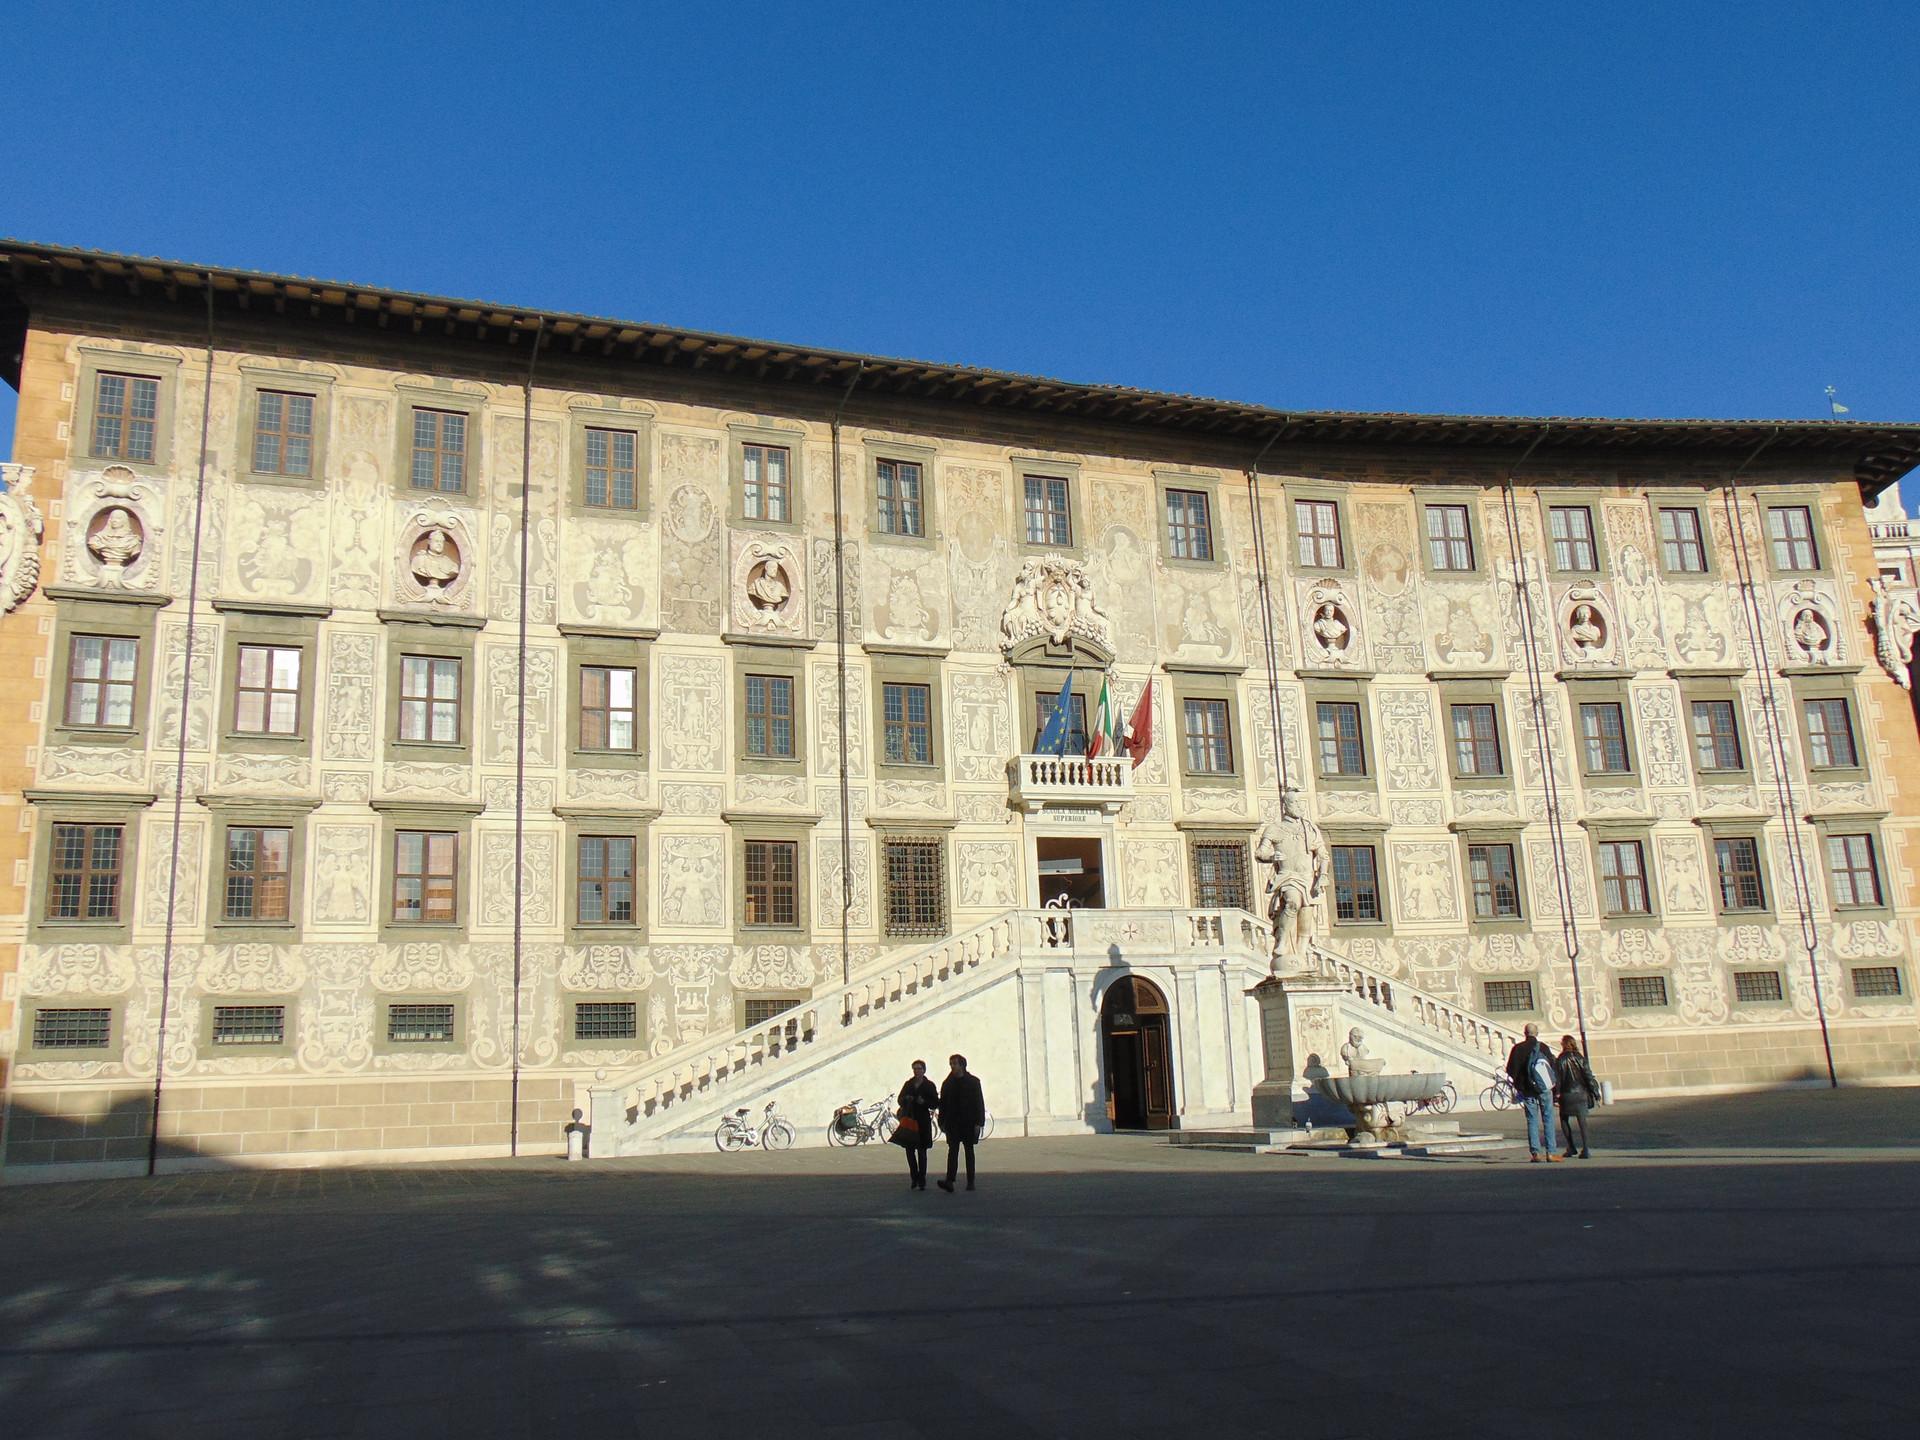 Experiencia en la Universidad de Pisa, Italia, por Silvia